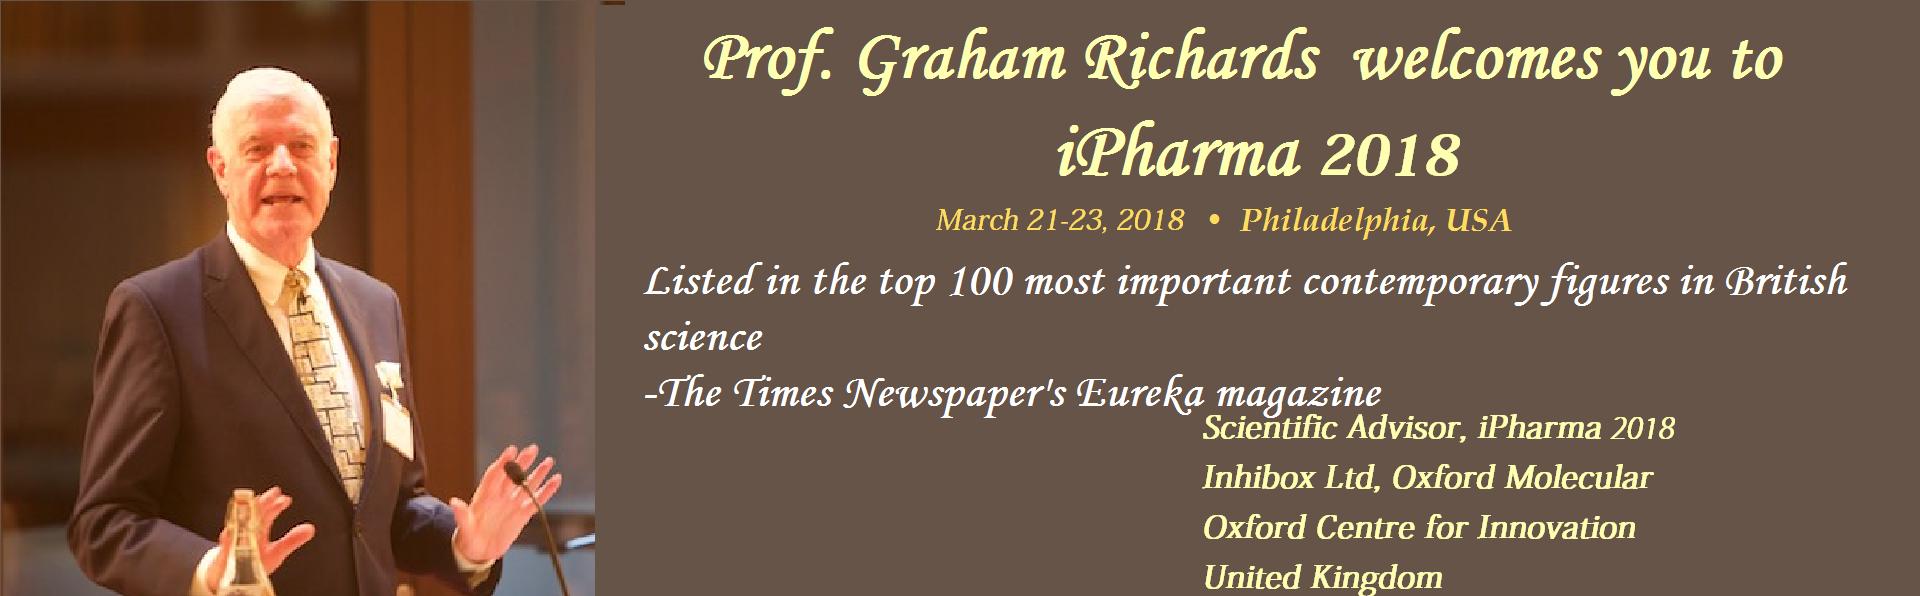 Prof Graham Richards_Scientific Advisor